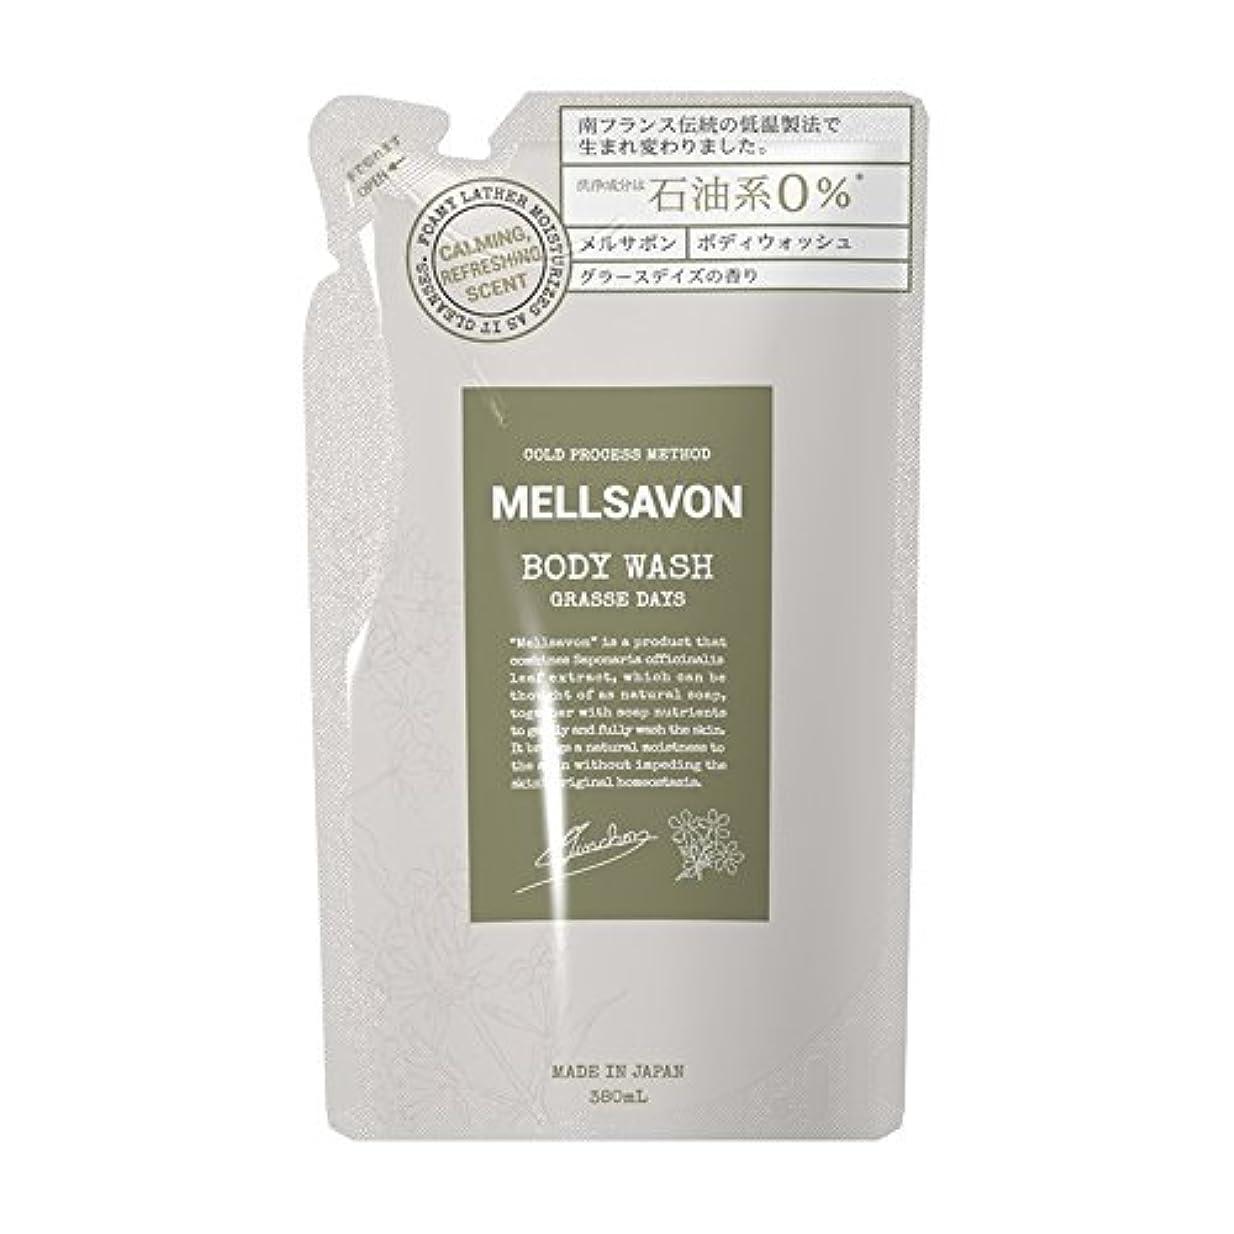 トイレ夜明けに意義MELLSAVON(メルサボン) ボディウォッシュ グラースデイズ 〈詰替〉 (380mL)